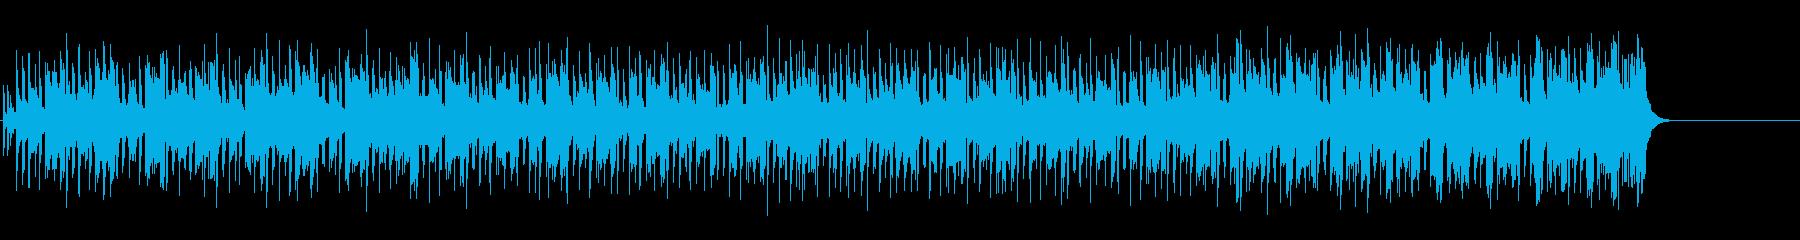 初々しい歌謡曲調モータウン風ポップの再生済みの波形